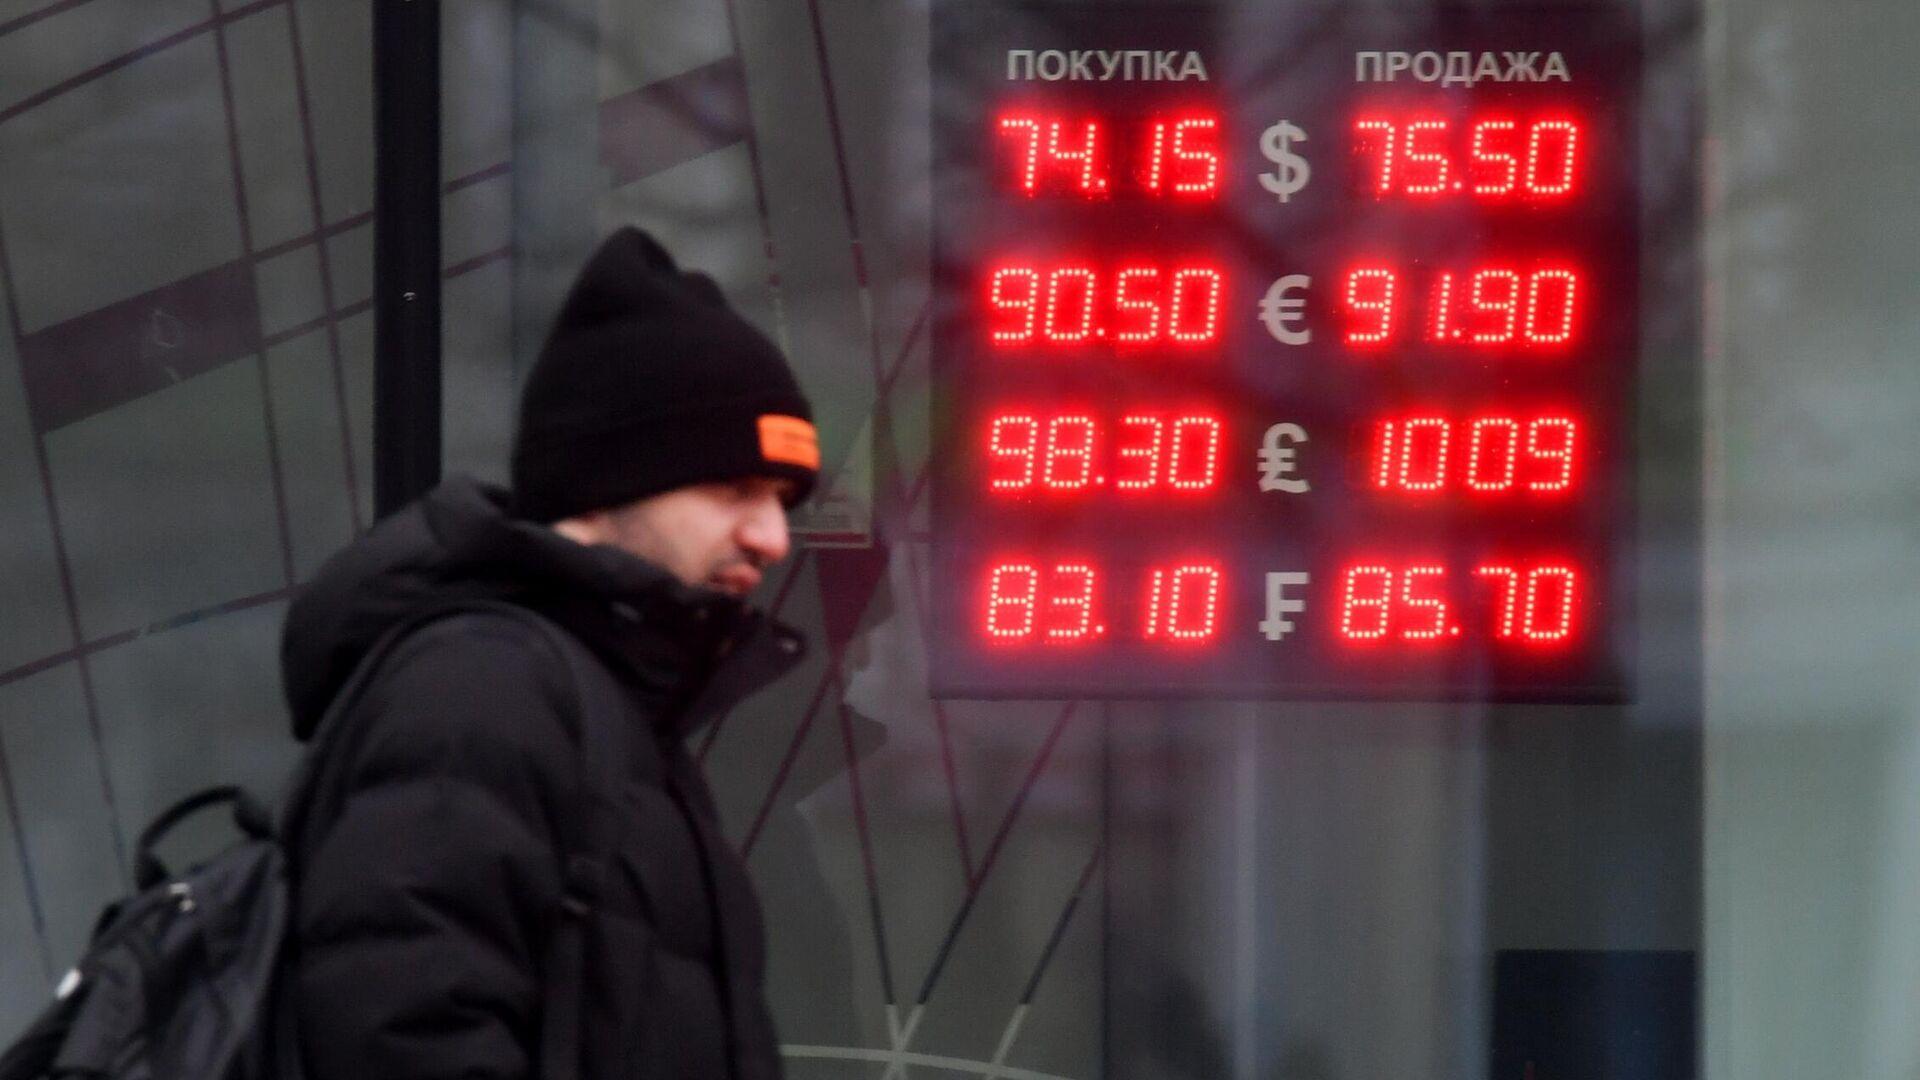 Электронное табло с курсами валют на одной из улиц в Москве - РИА Новости, 1920, 07.02.2021